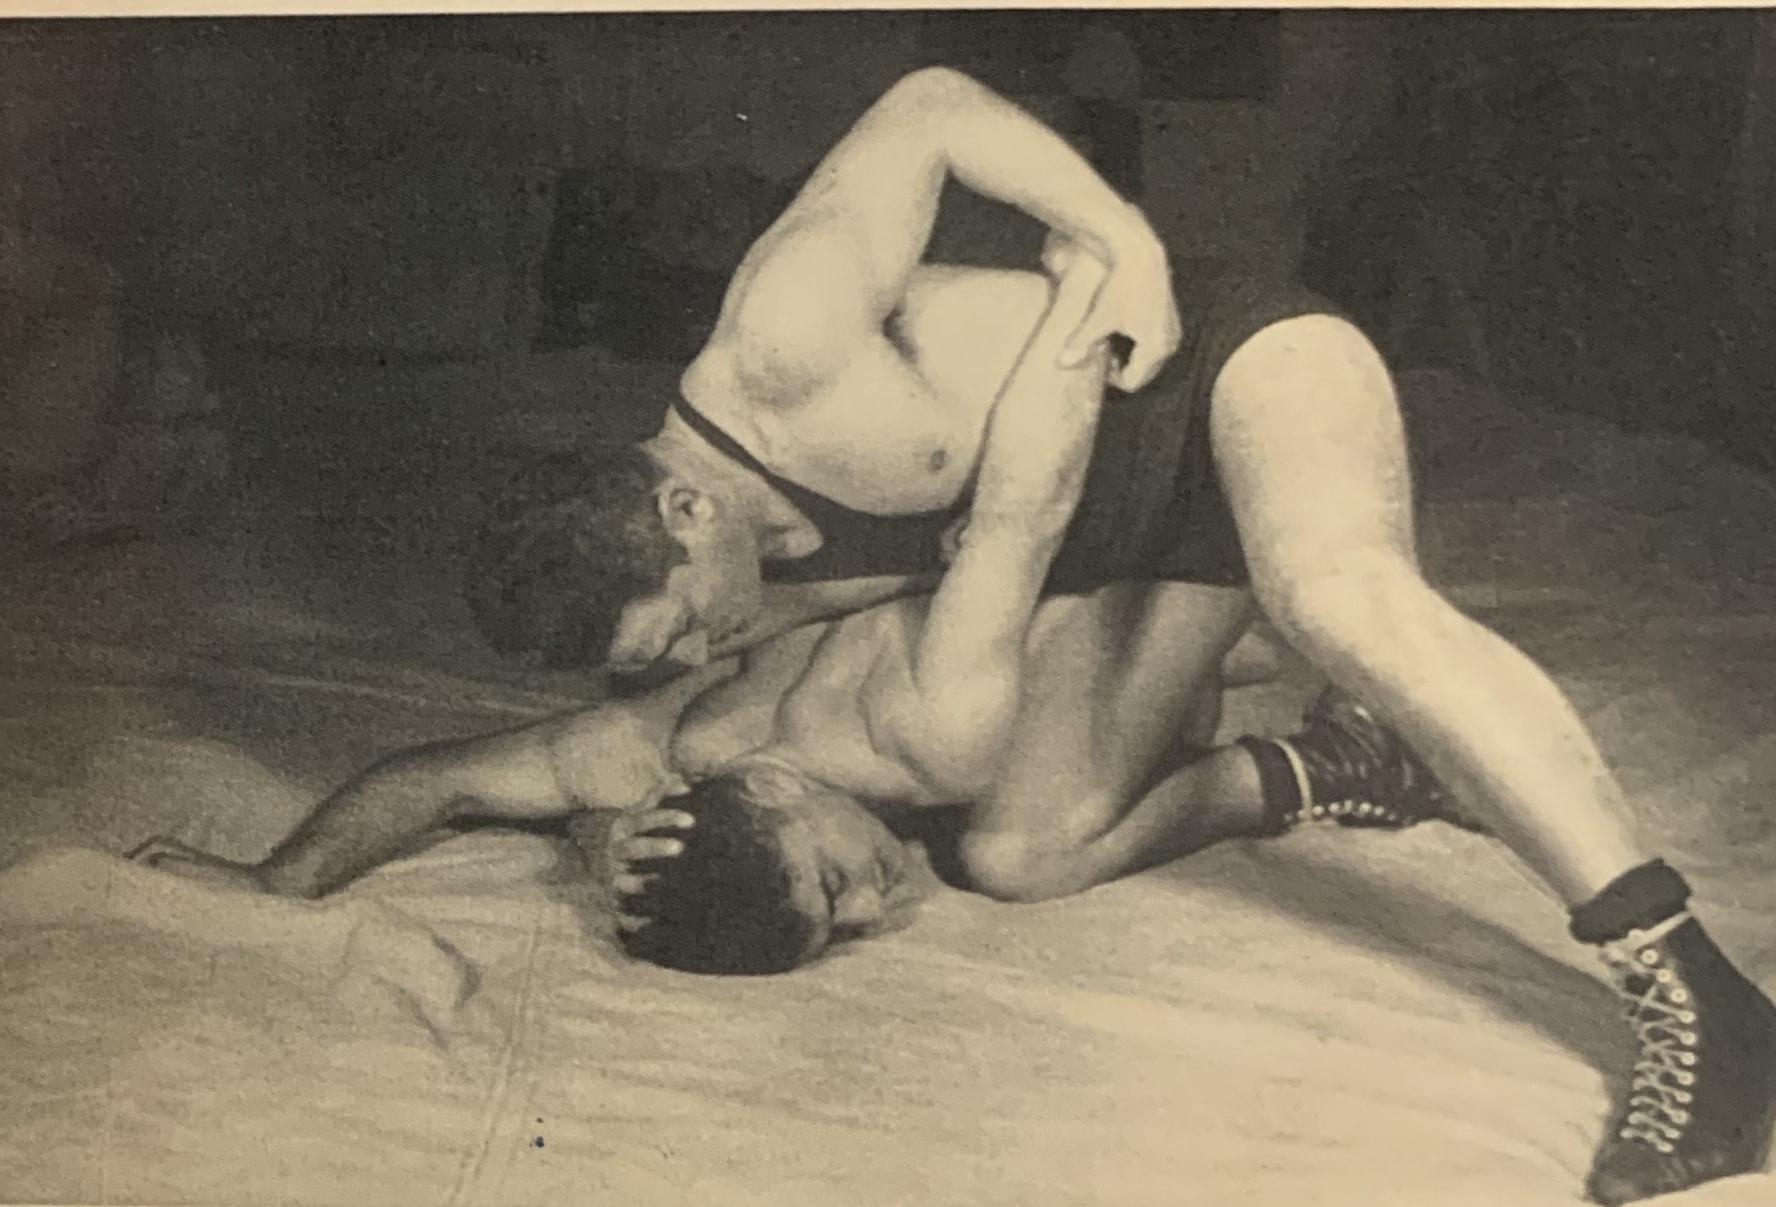 זלמן אונריין (און) מלמד התאבקות בפלשתינה בשנות ה-30 (צילום: הספרייה הלאומית)